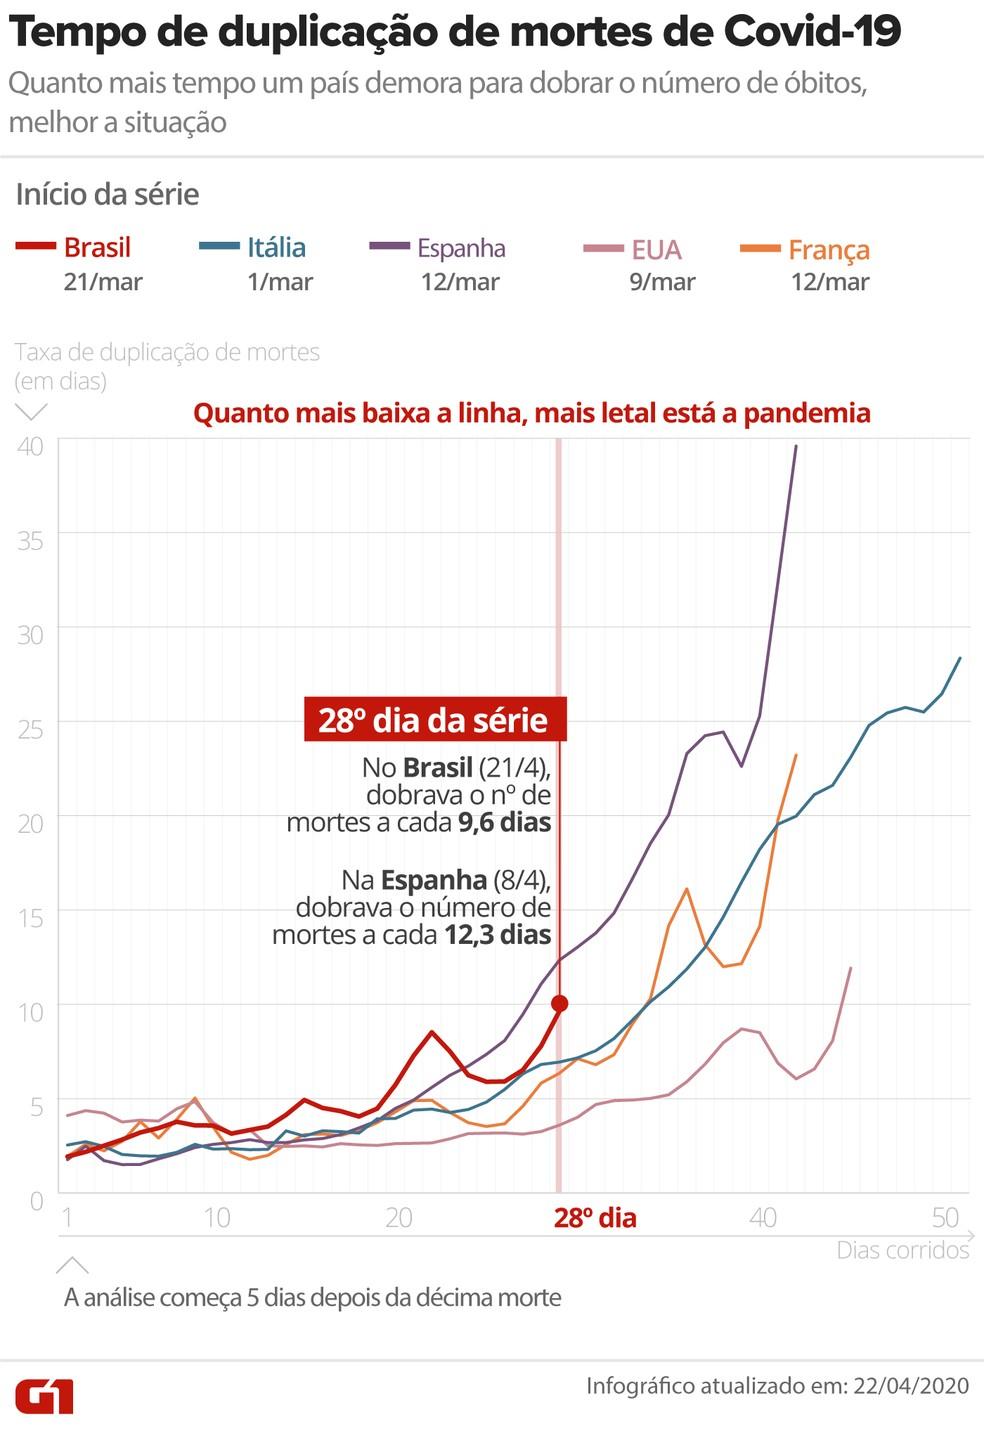 Comparação do tempo de duplicação de mortes provocadas pelo novo coronavírus em cinco países: Brasil, Itália, Espanha, Estados Unidos e França; atualização em 22 de abril de 2020 — Foto: Arte/G1